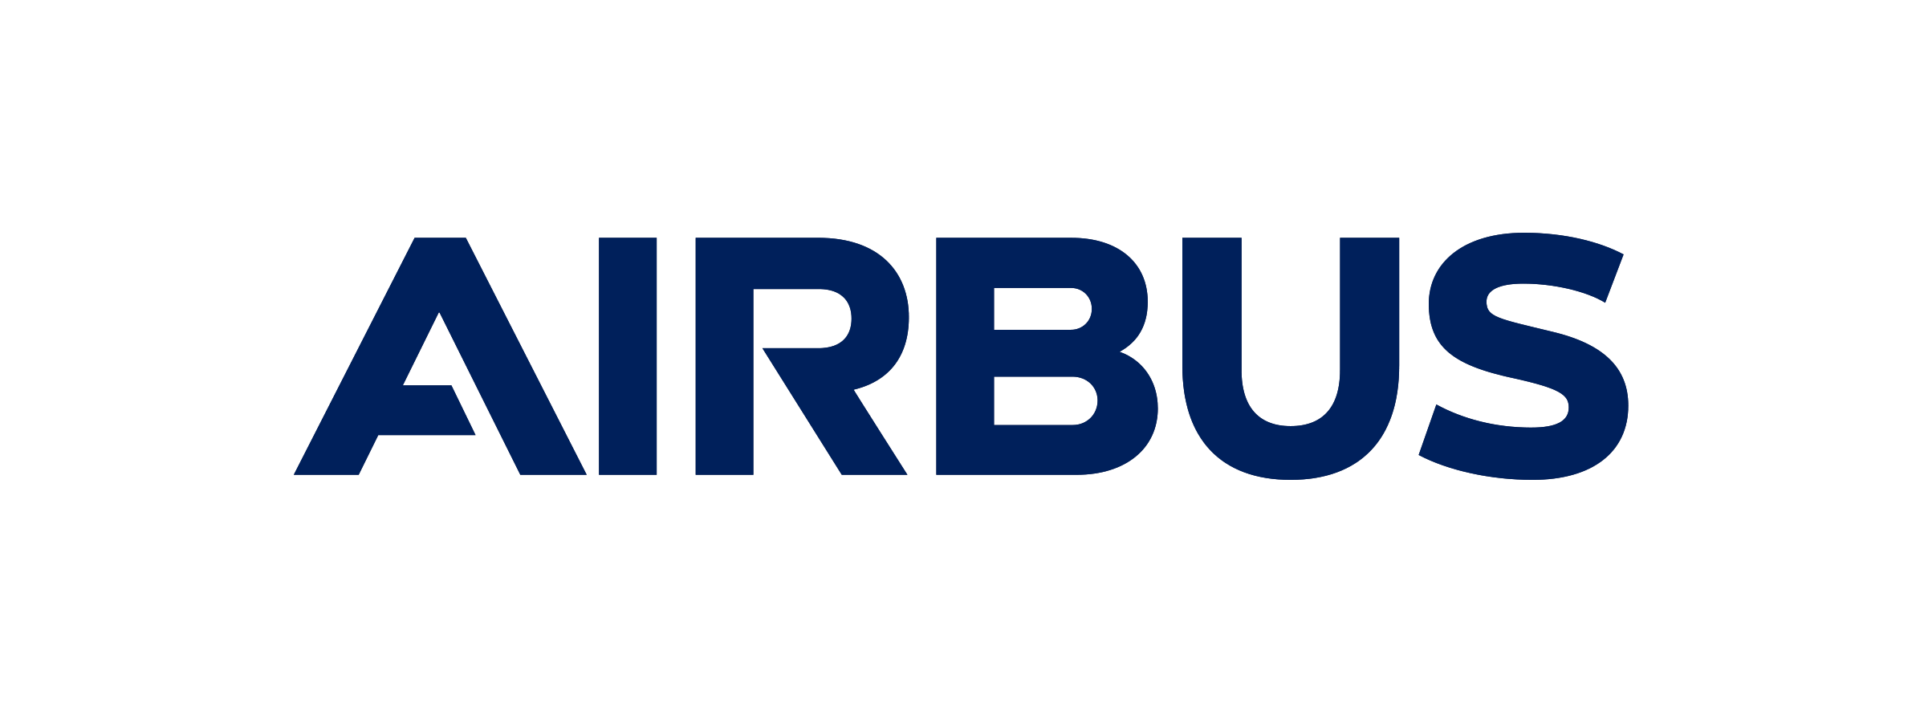 AIRBUS_Blue_Logo